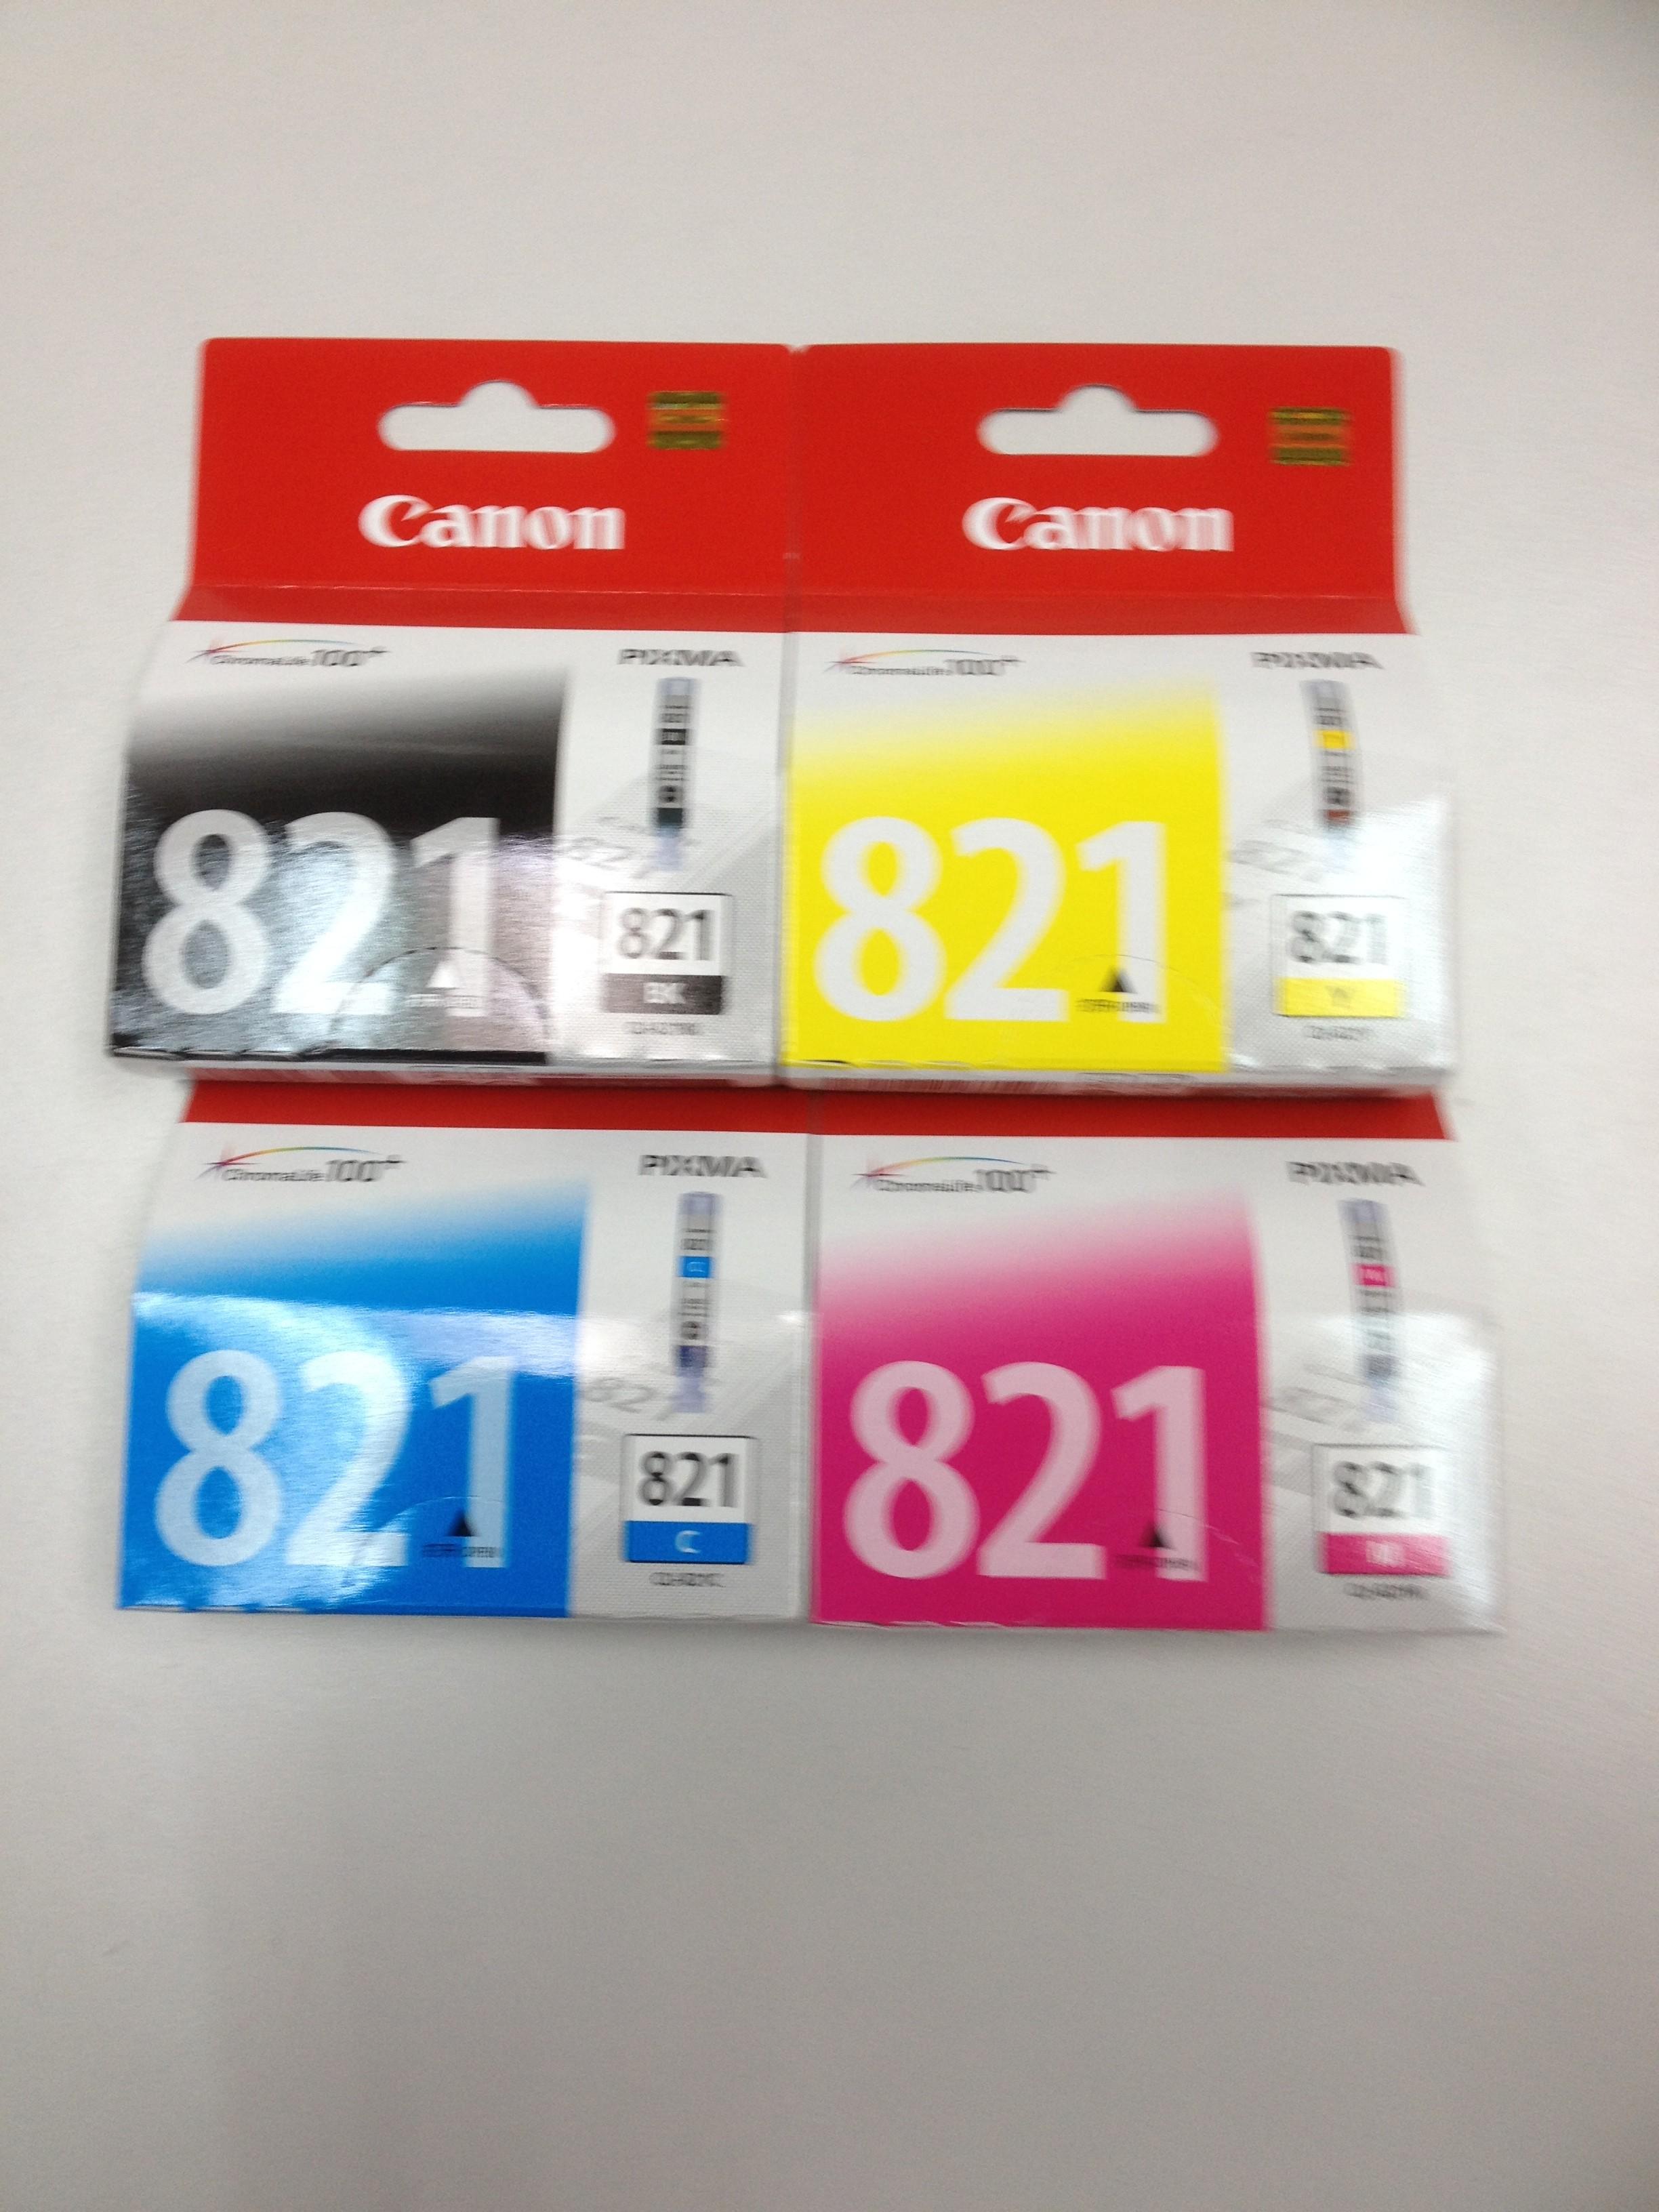 CANON PIXMA CLI-821 CARTRIDGE